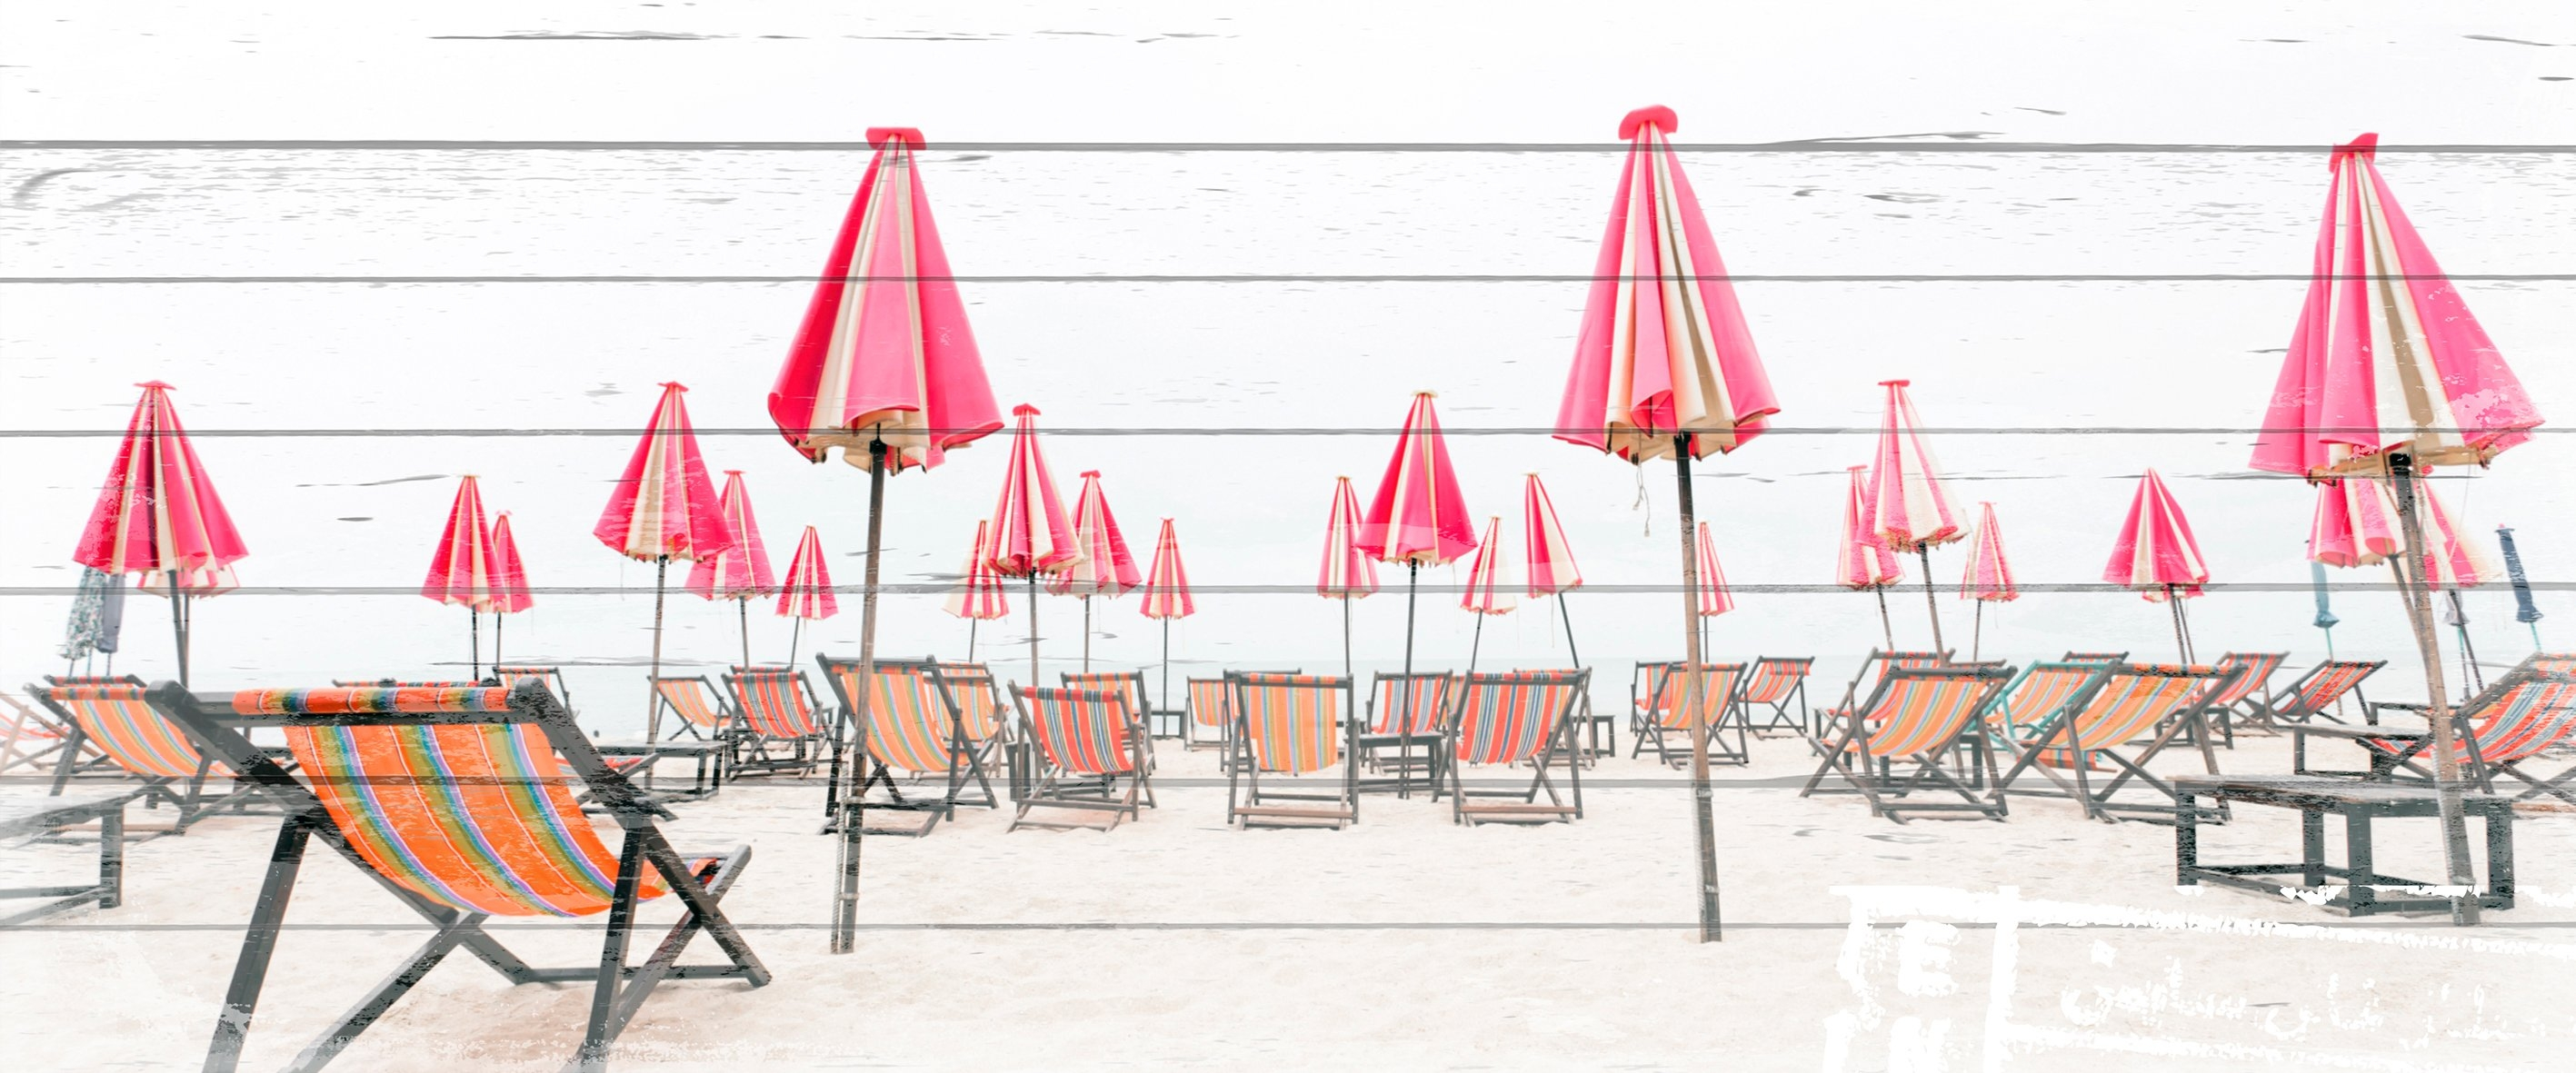 queence Artprint op hout »Ligstoelen op het strand«, 40x80 cm echt hout nu online kopen bij OTTO